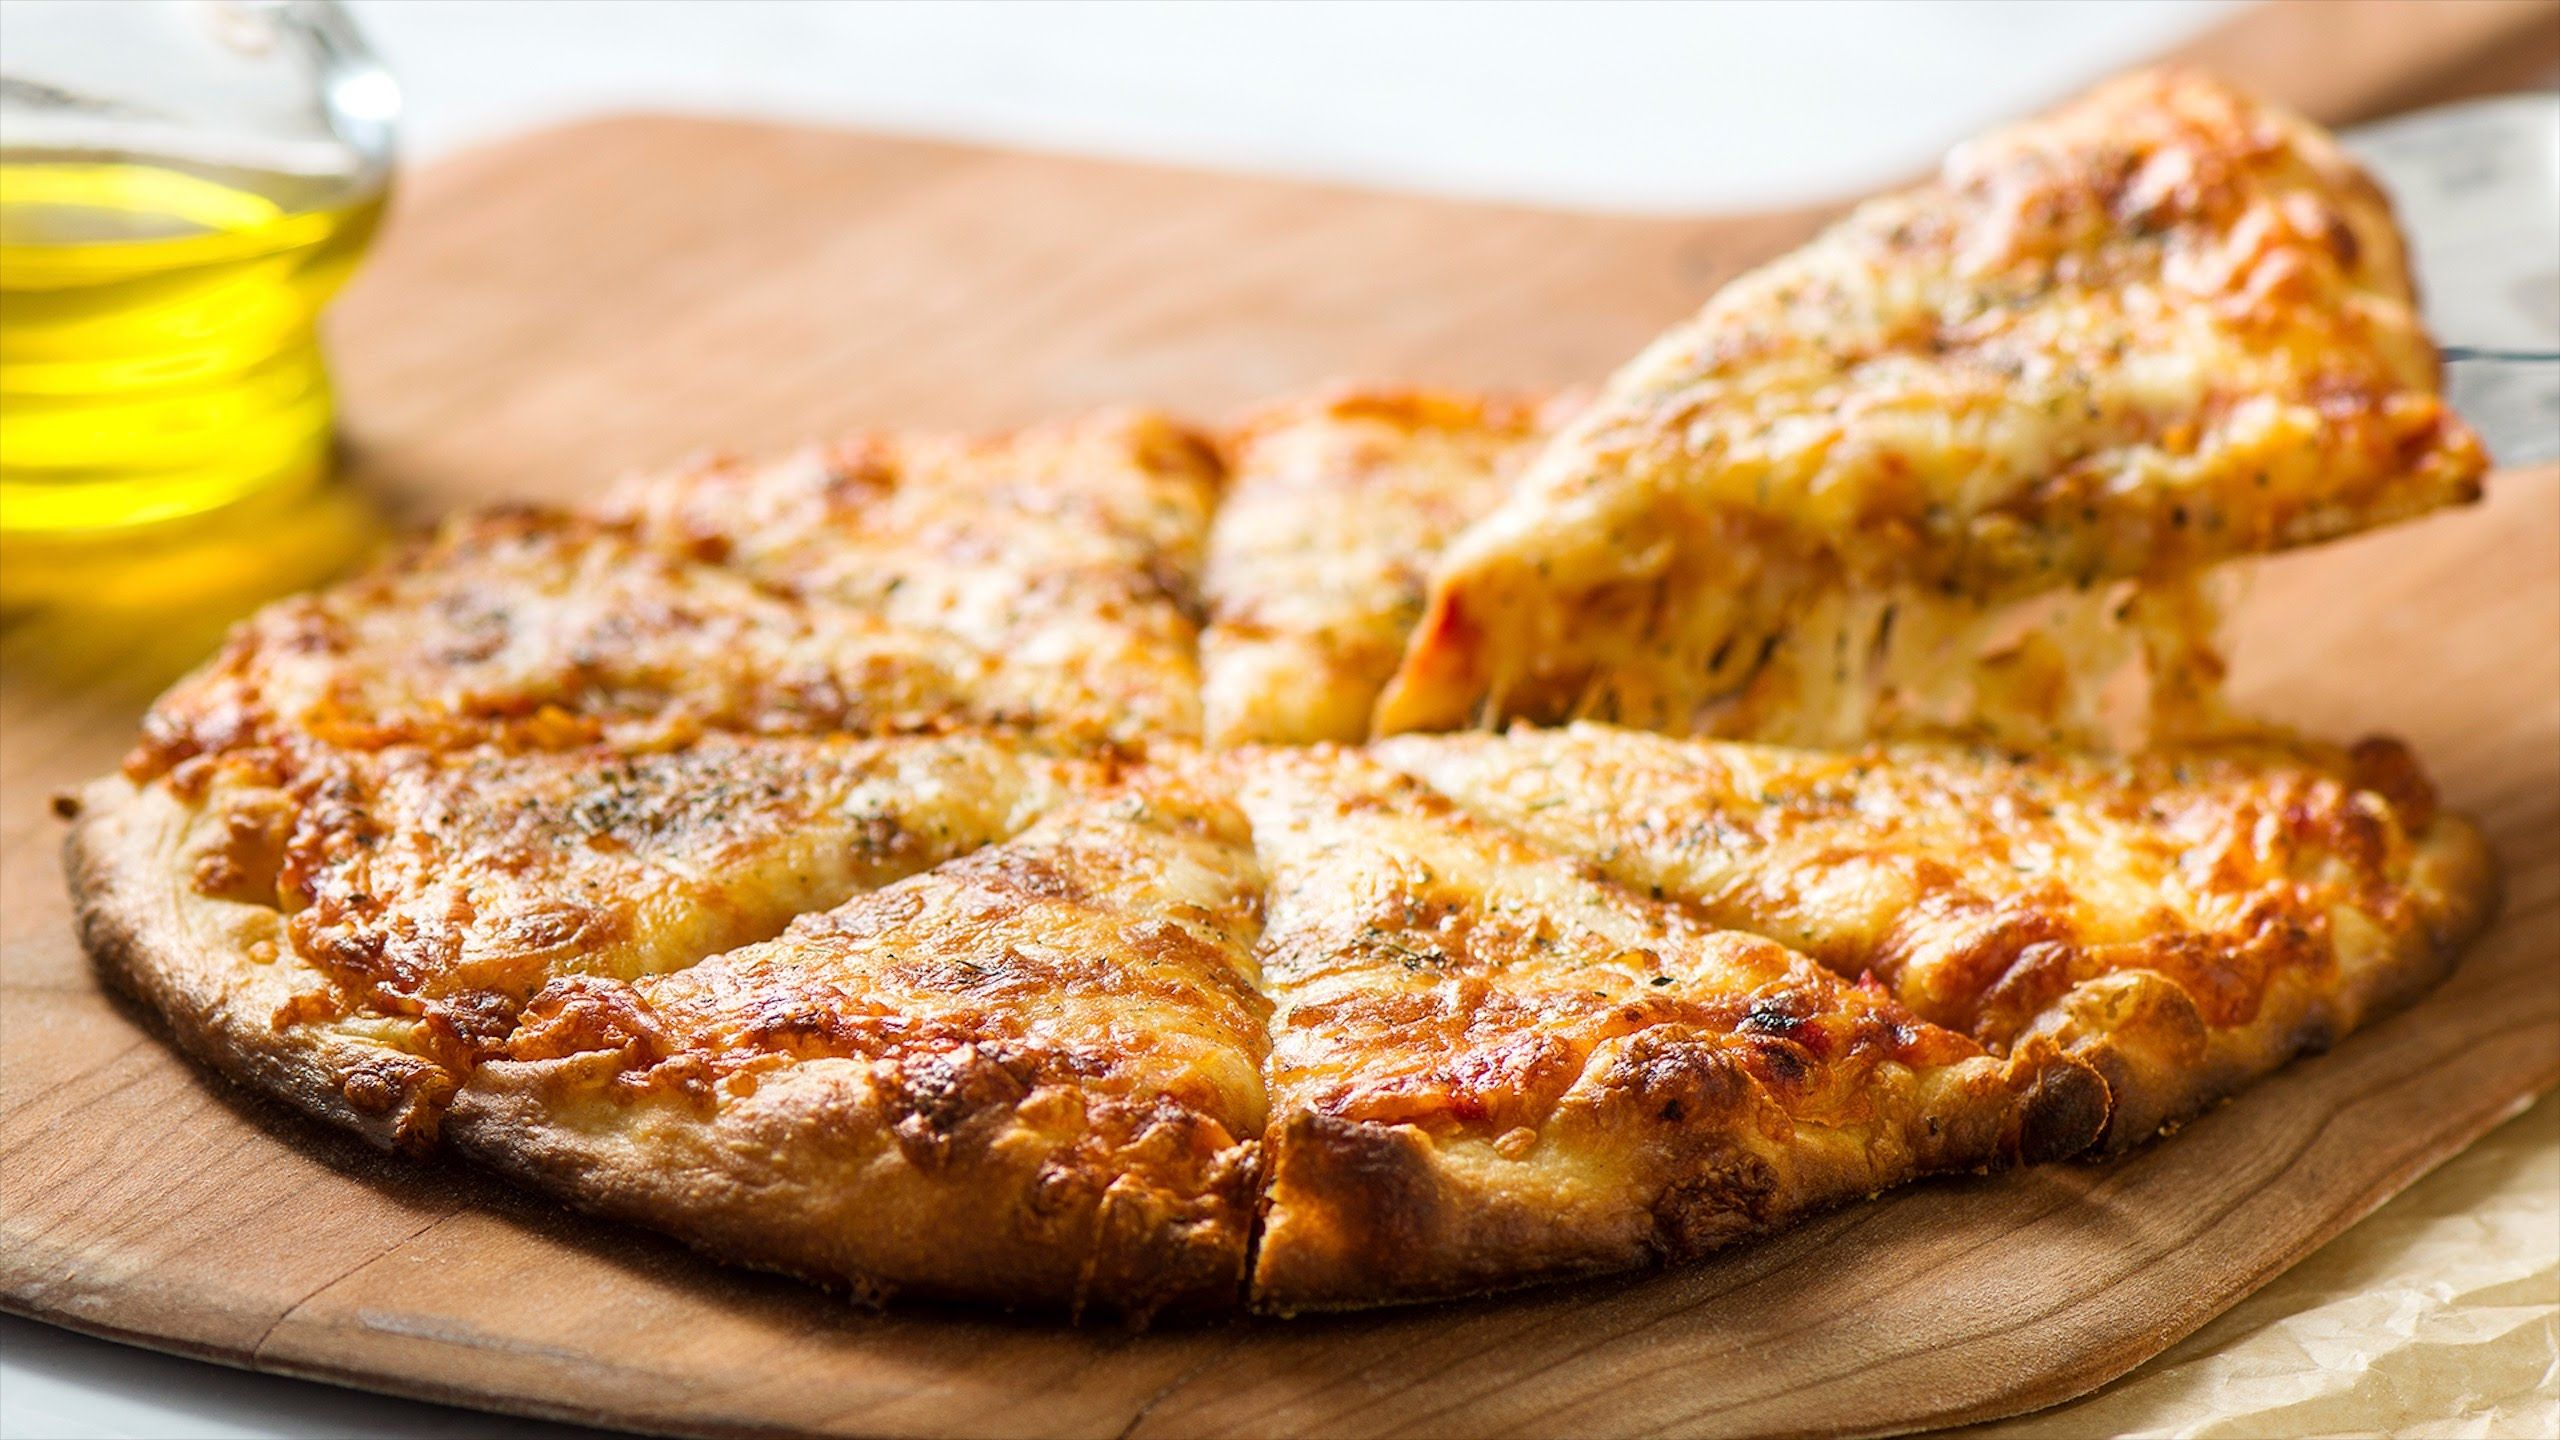 La Pizza De Queso Es De Los Favoritos Platillos Con Nuestro